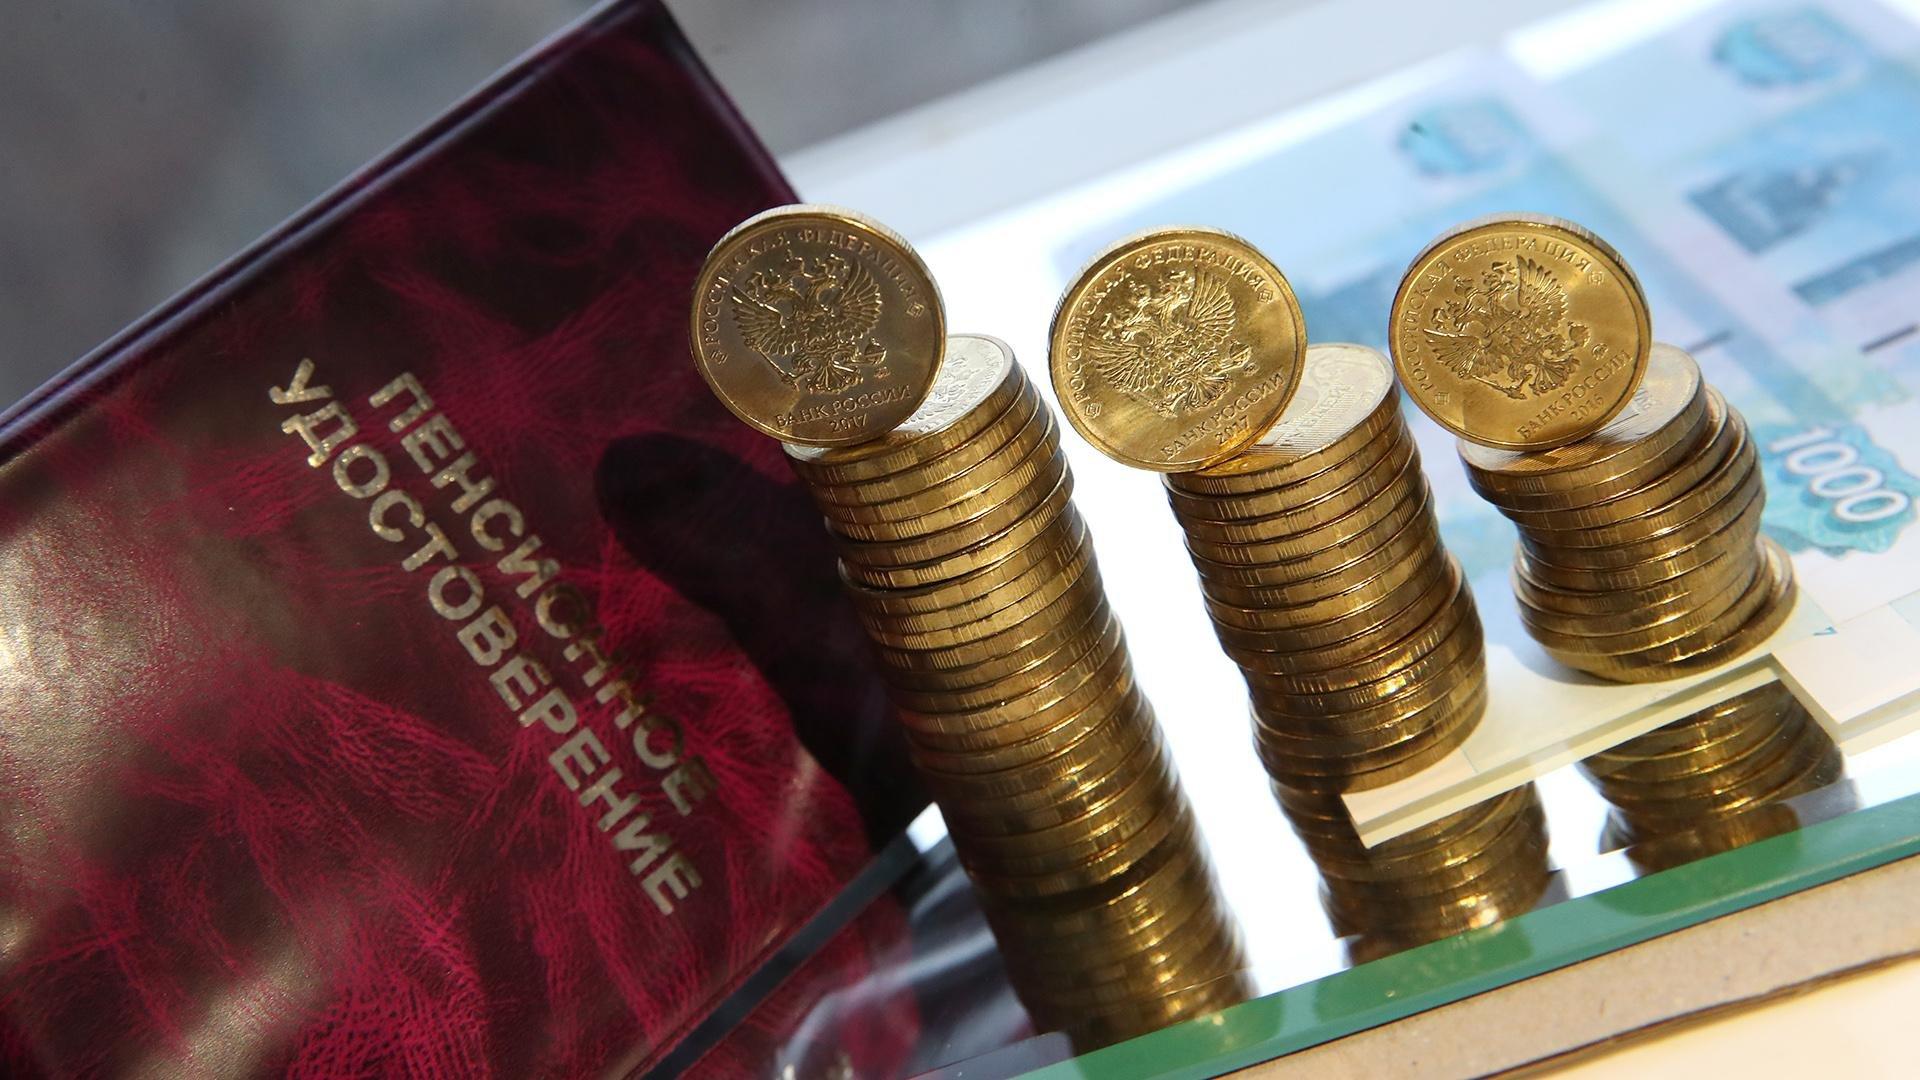 Пенсия наполнима: ГПП прибавит к государственным выплатам до 30 тысяч